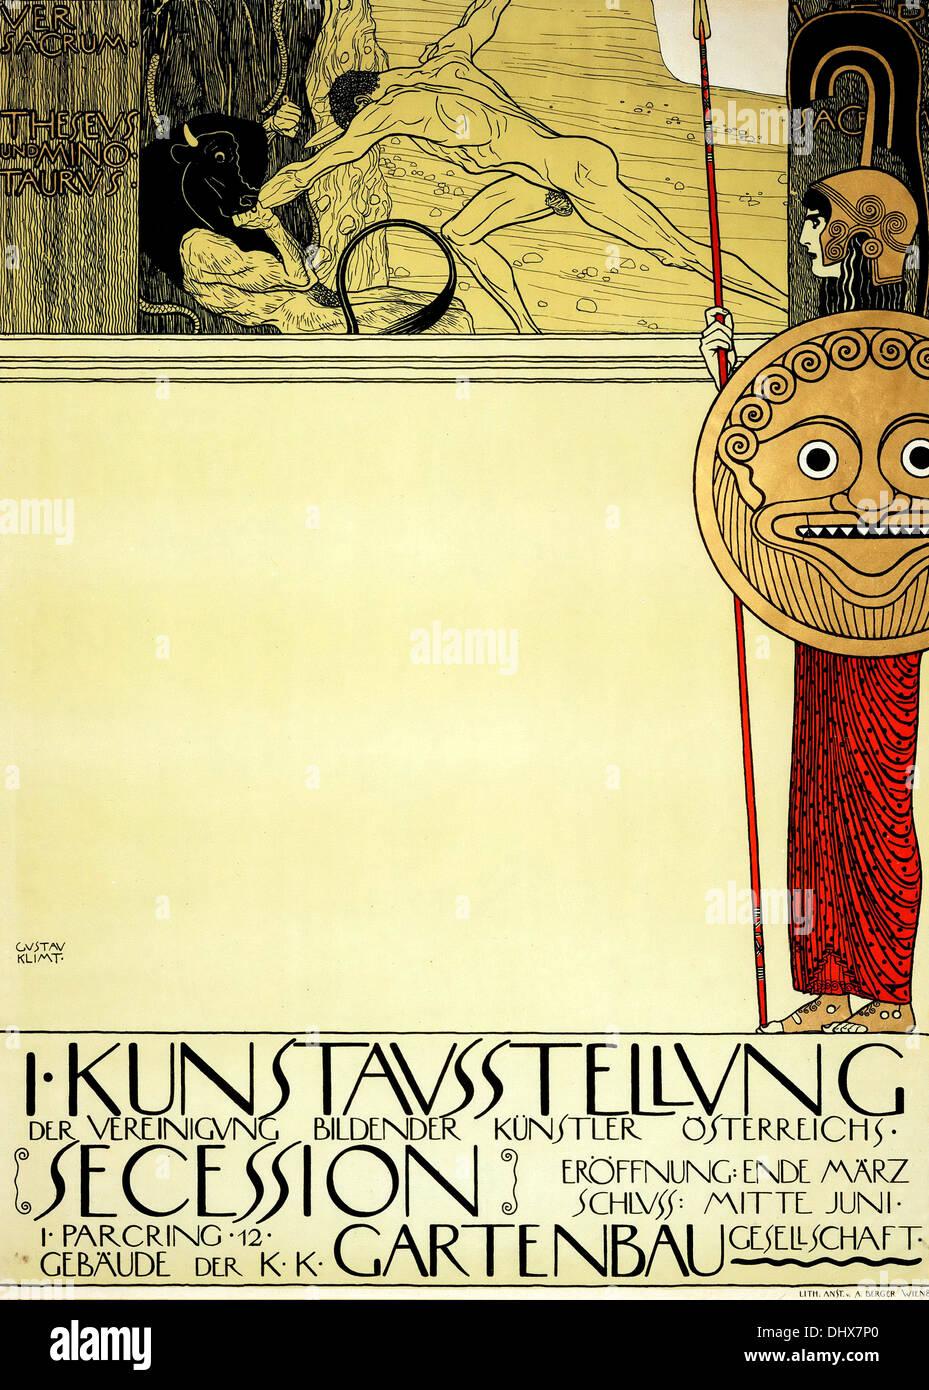 Affiche pour la 1ère exposition de sécession - Gustav Klimt, 1898 - éditorial uniquement. Photo Stock